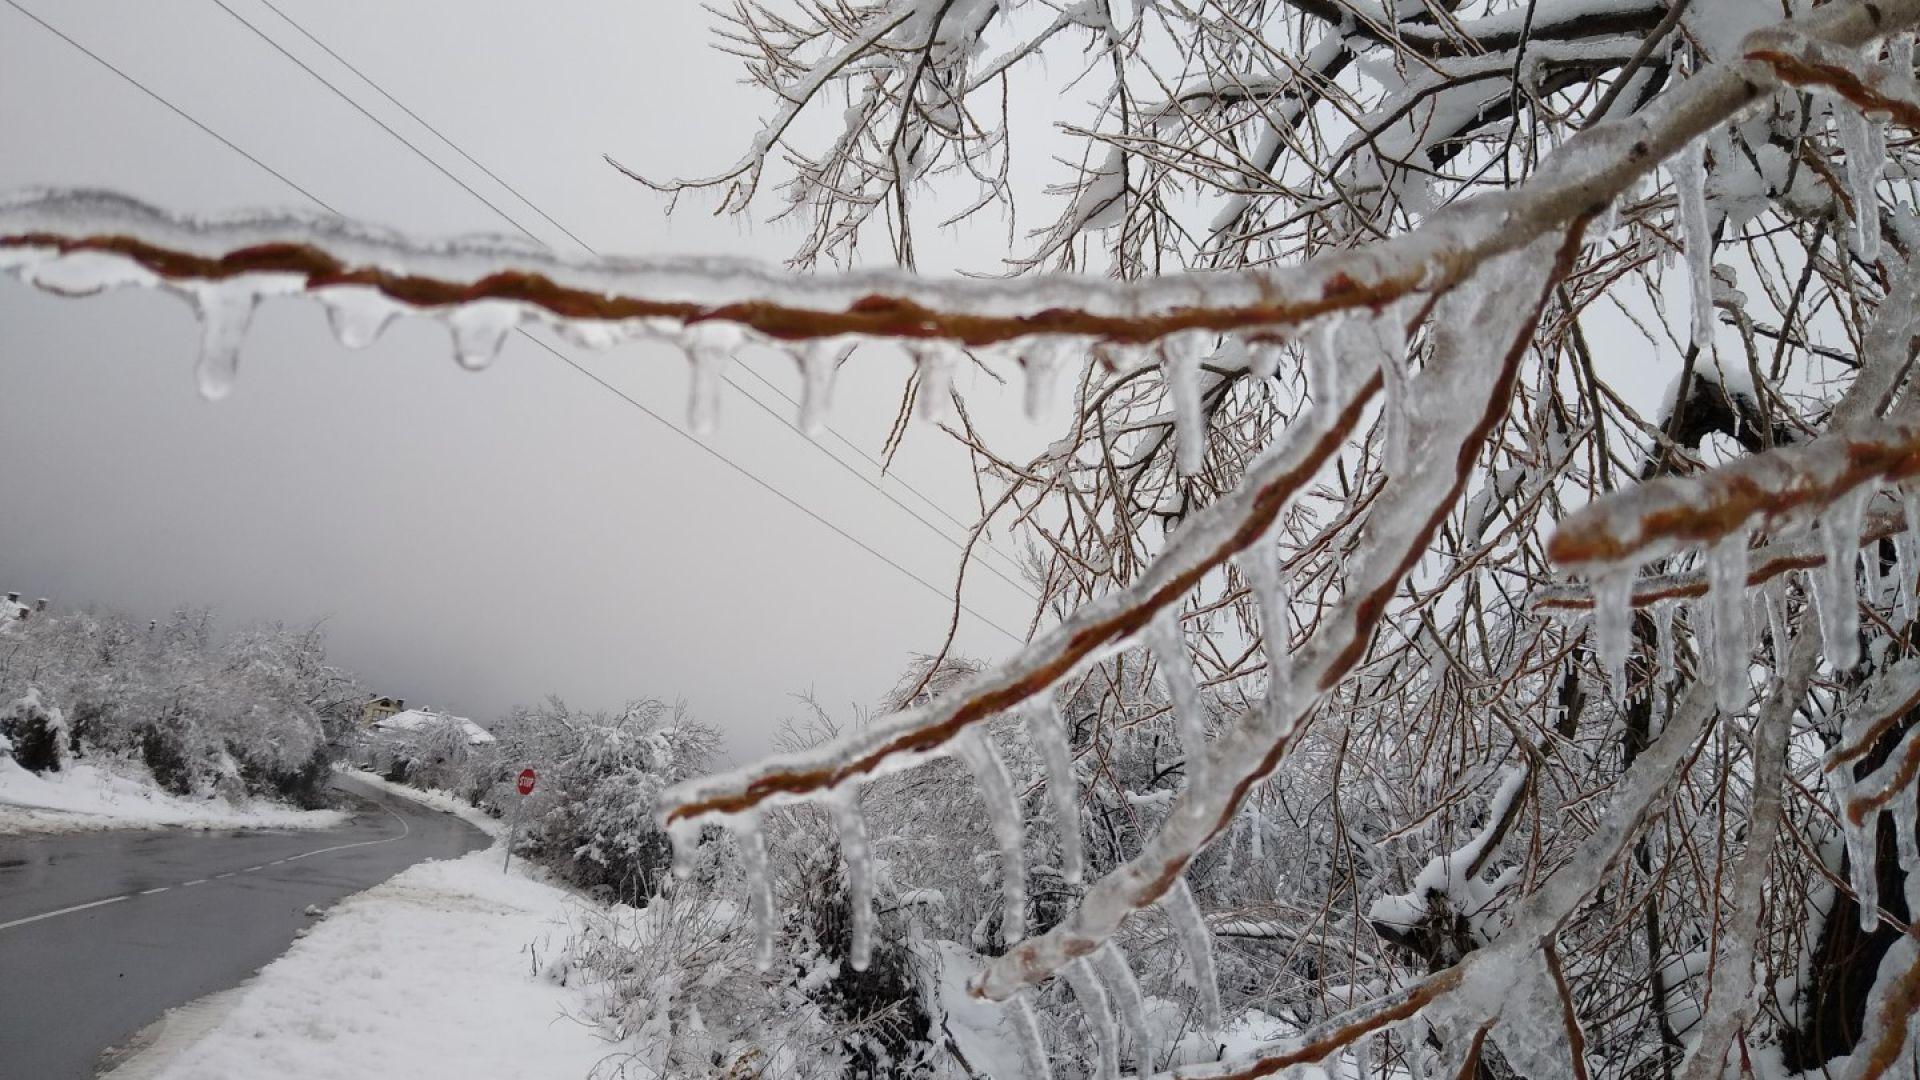 Застудяването започва със силен вятър,  до минус 15 в неделя и понеделник